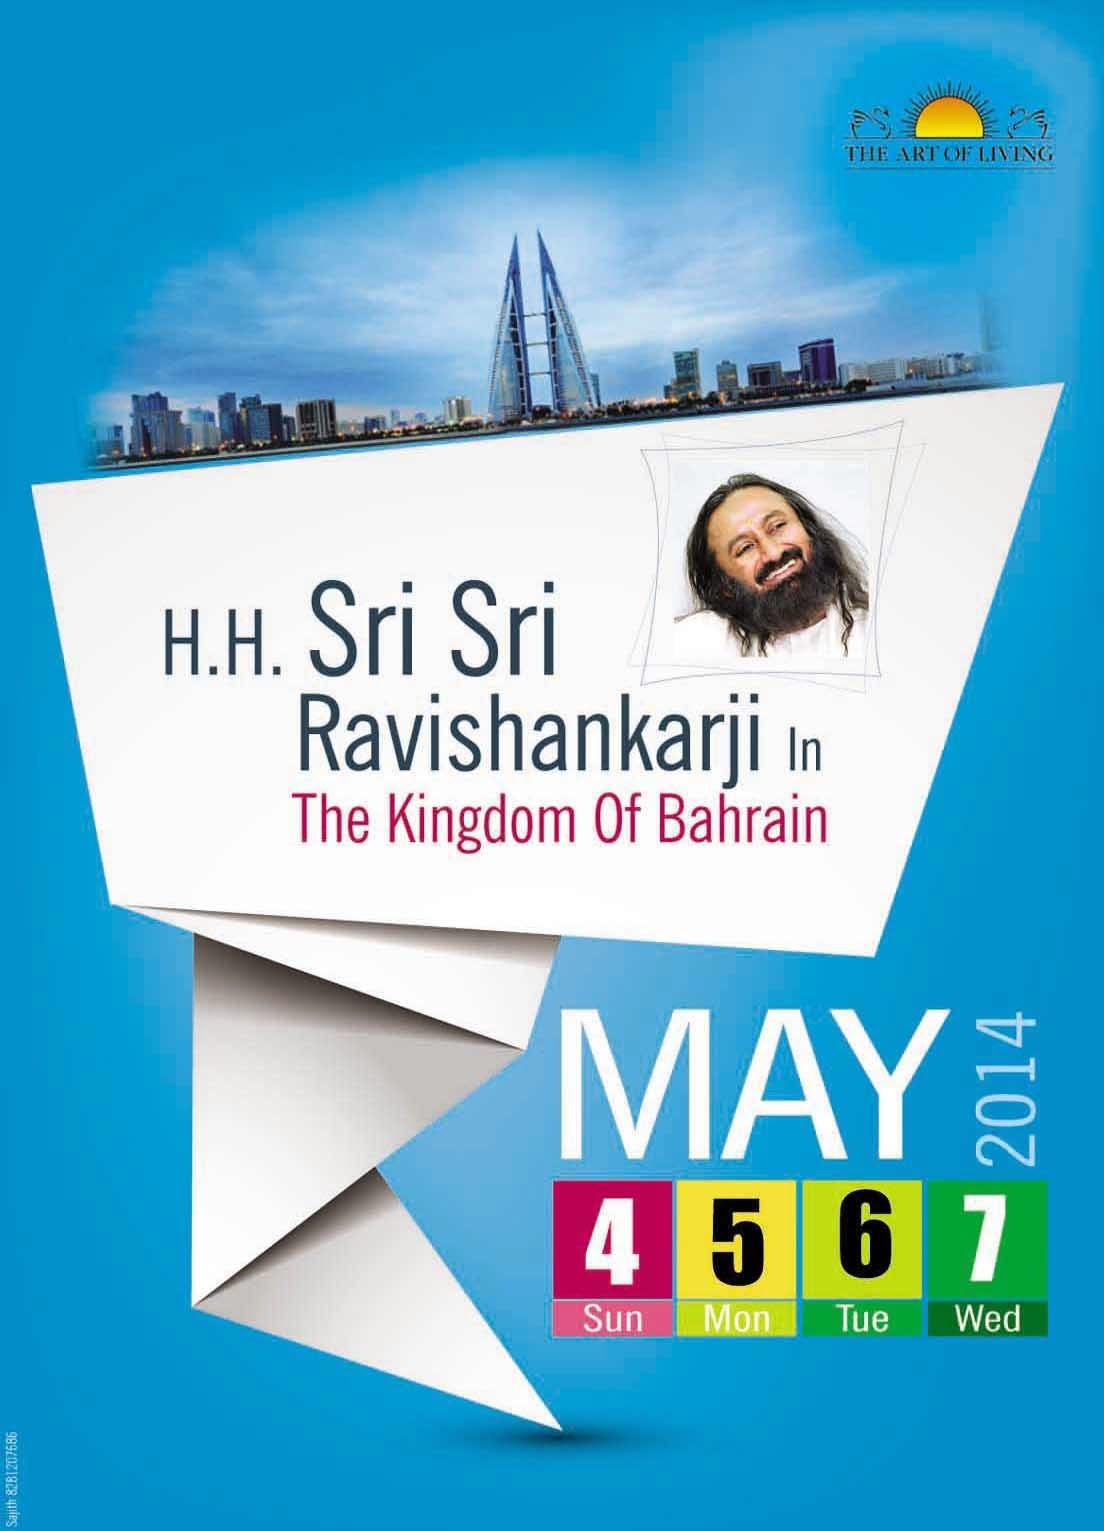 Sri Sri Ravi Shankar visits Bahrain